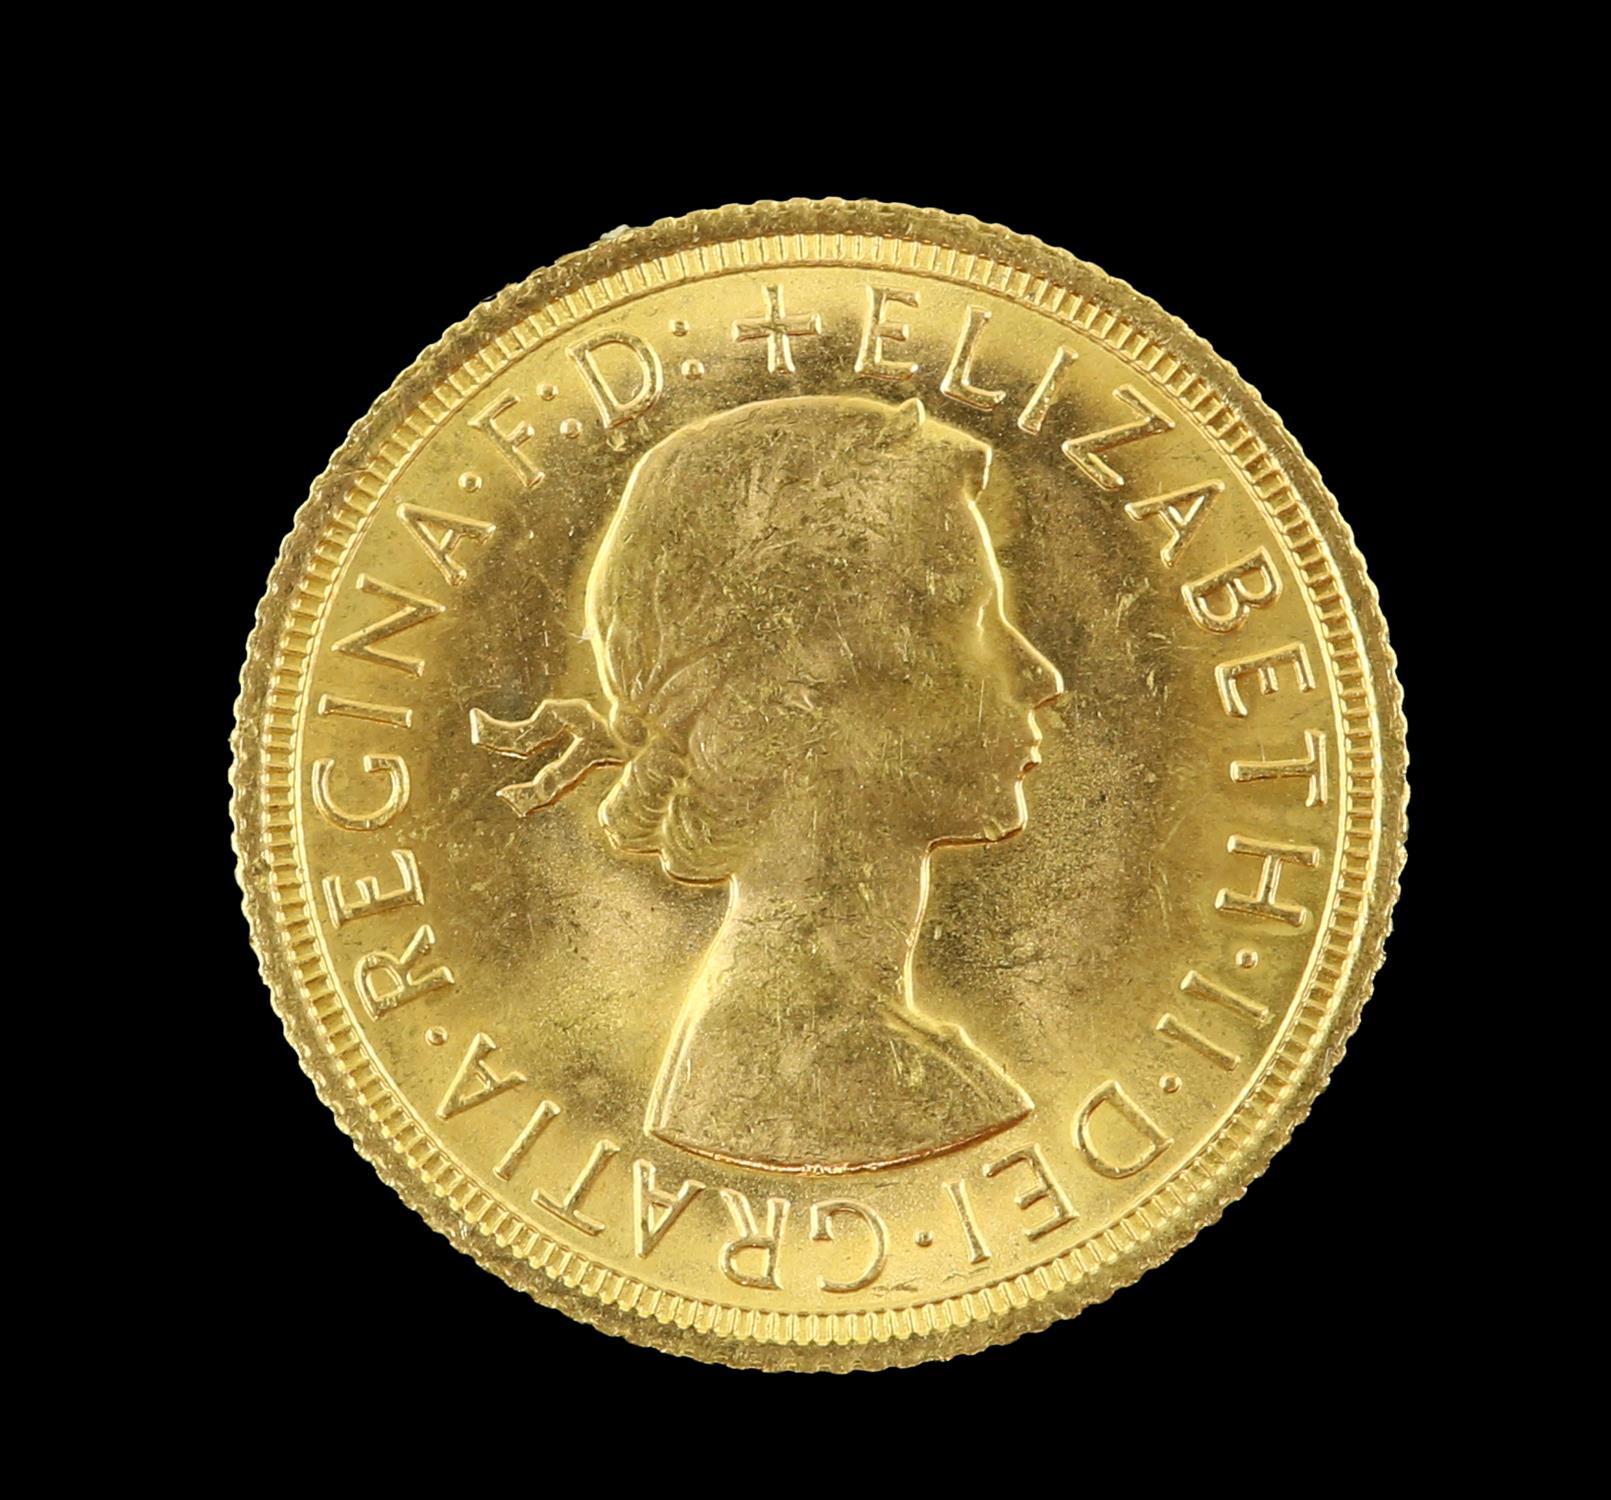 Elizabeth II gold sovereign 1968 - Image 2 of 2